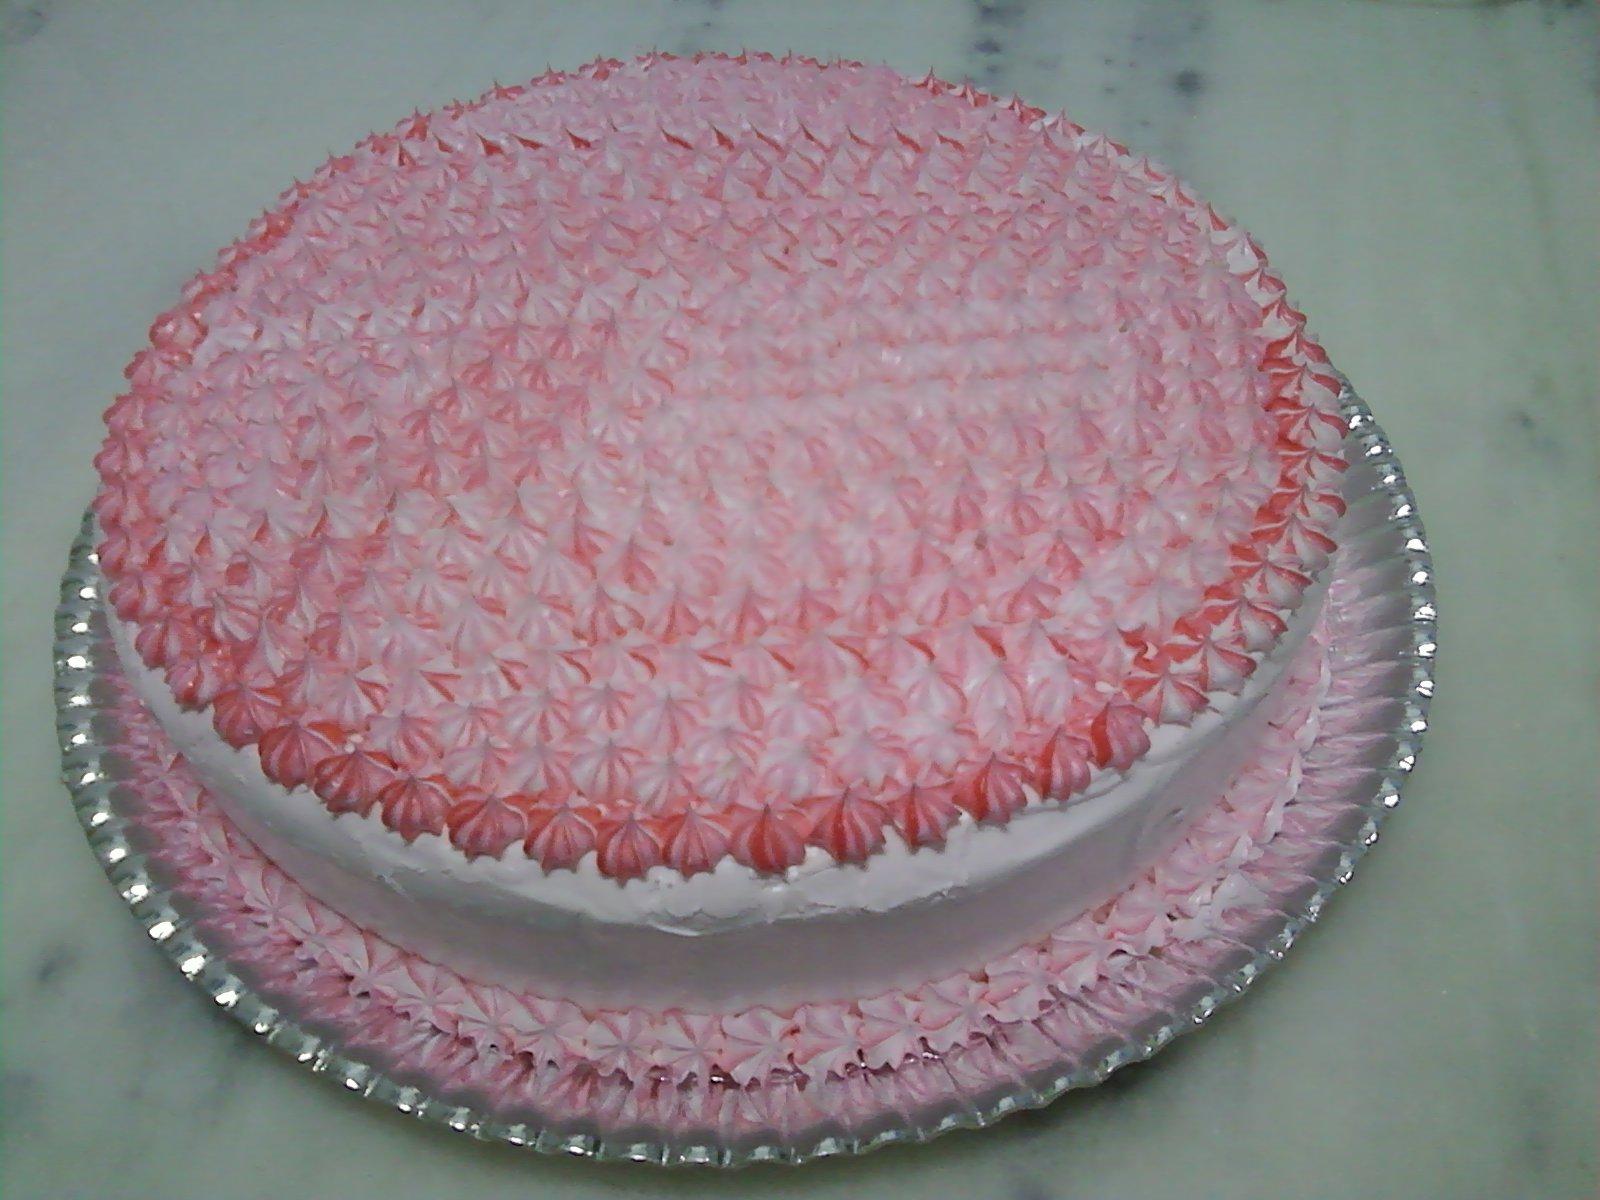 bolo branco confeitado com bico.jpg